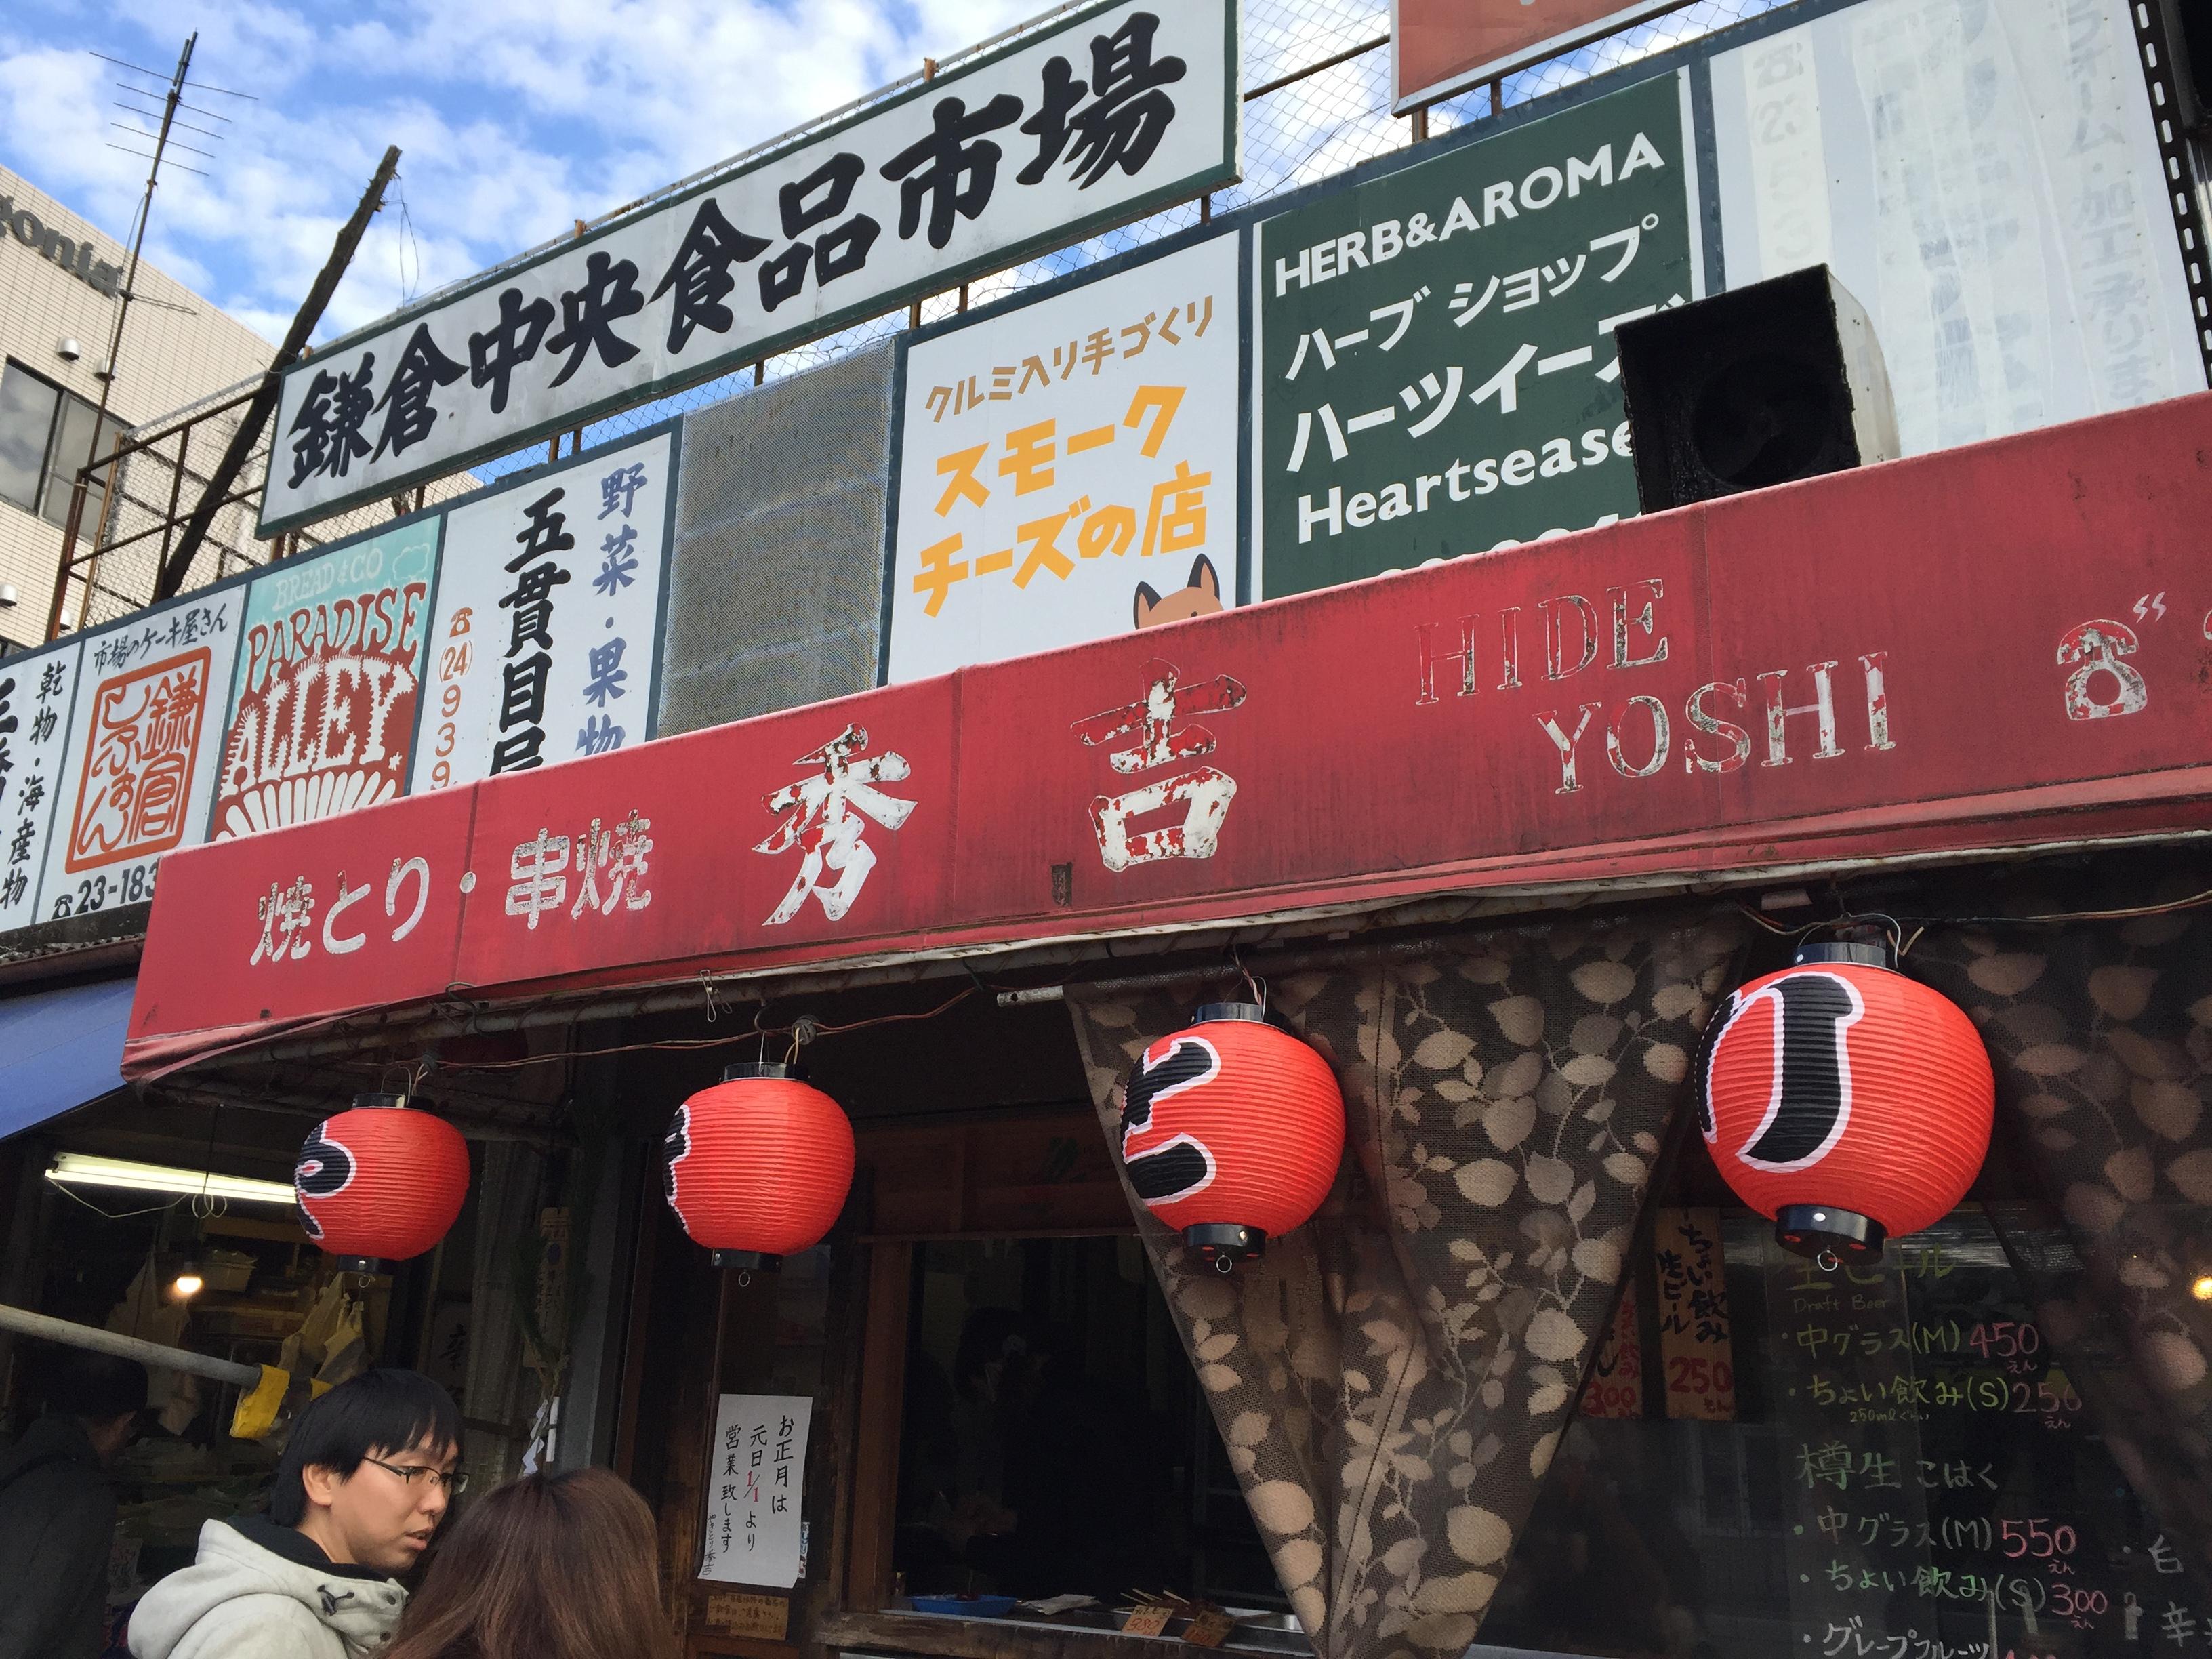 秀吉 焼鳥立ち食いの名店、鎌倉中央食品市場。鎌倉観光の穴場